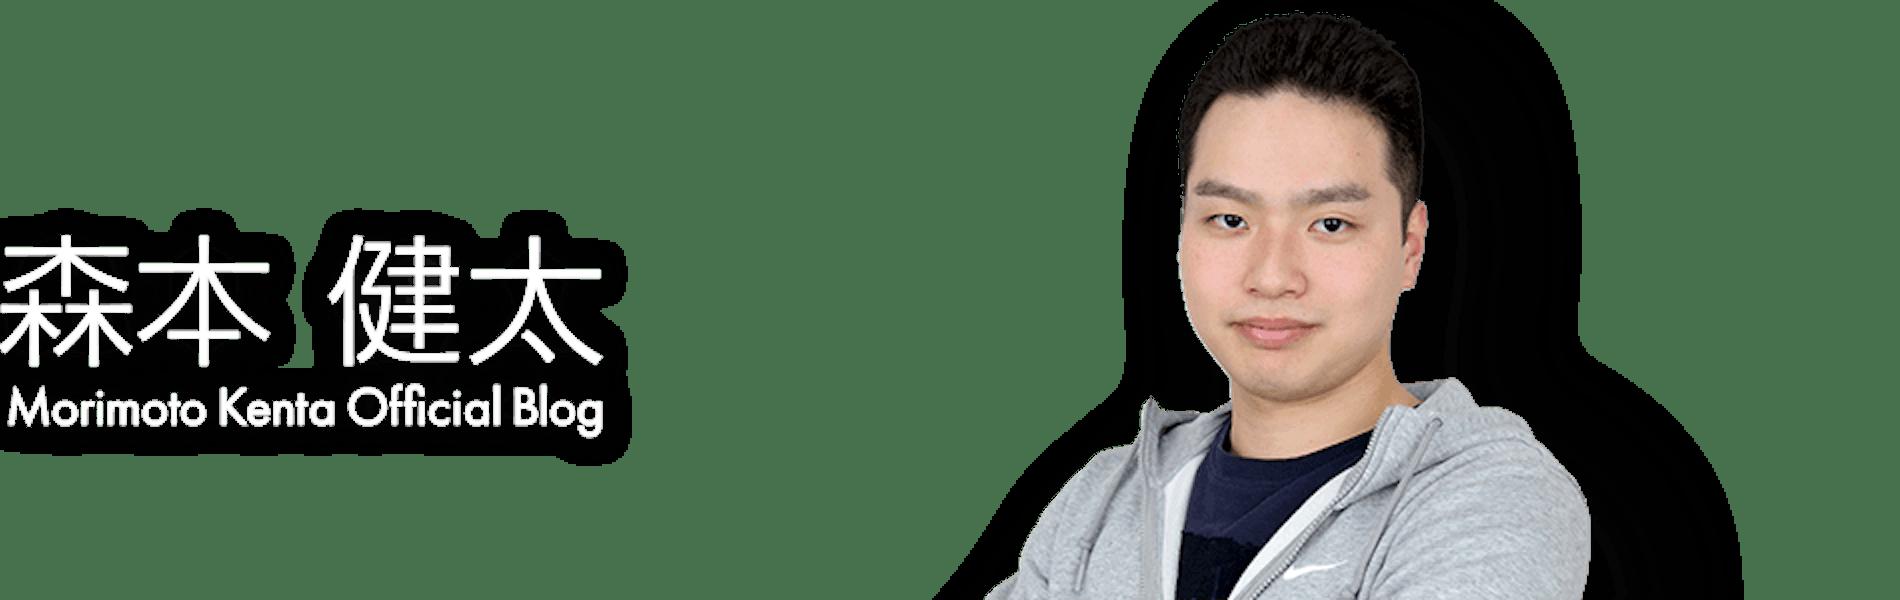 森本健太 オフィシャルブログ